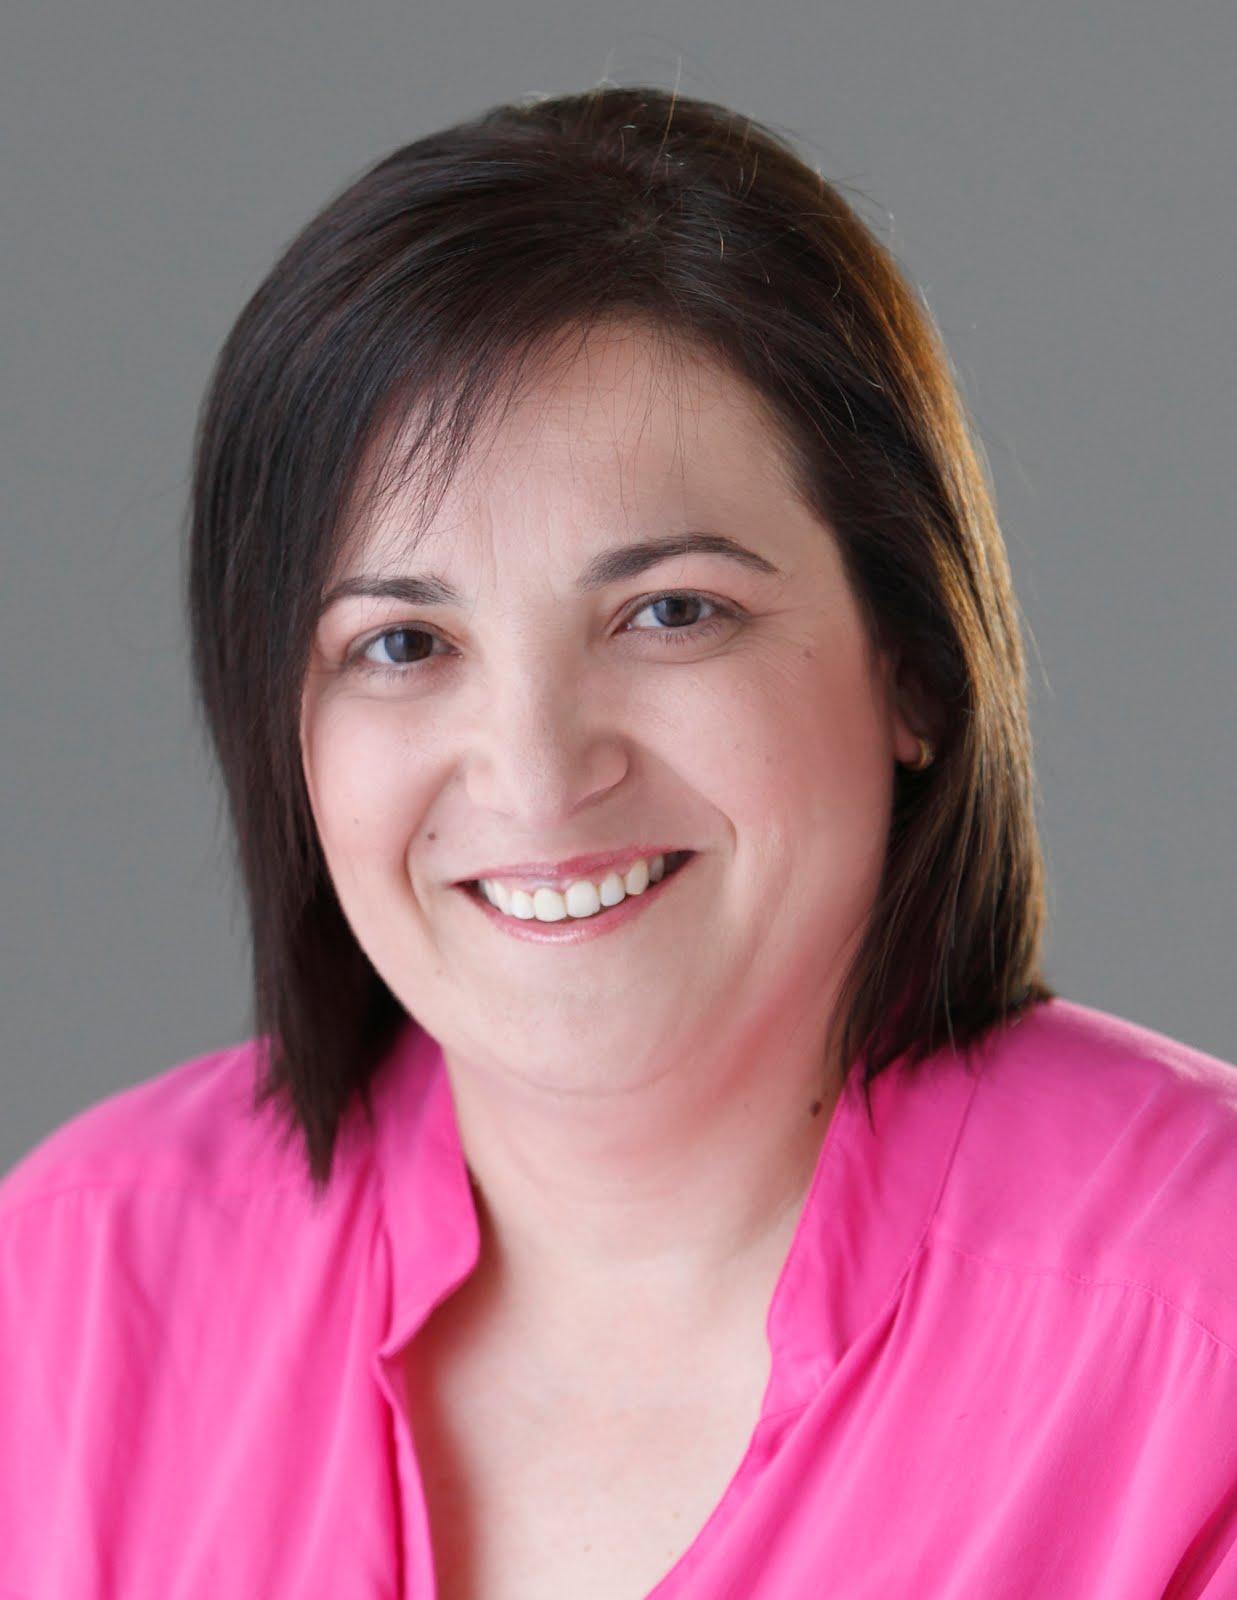 5. Mari Carmen Guillén Roca